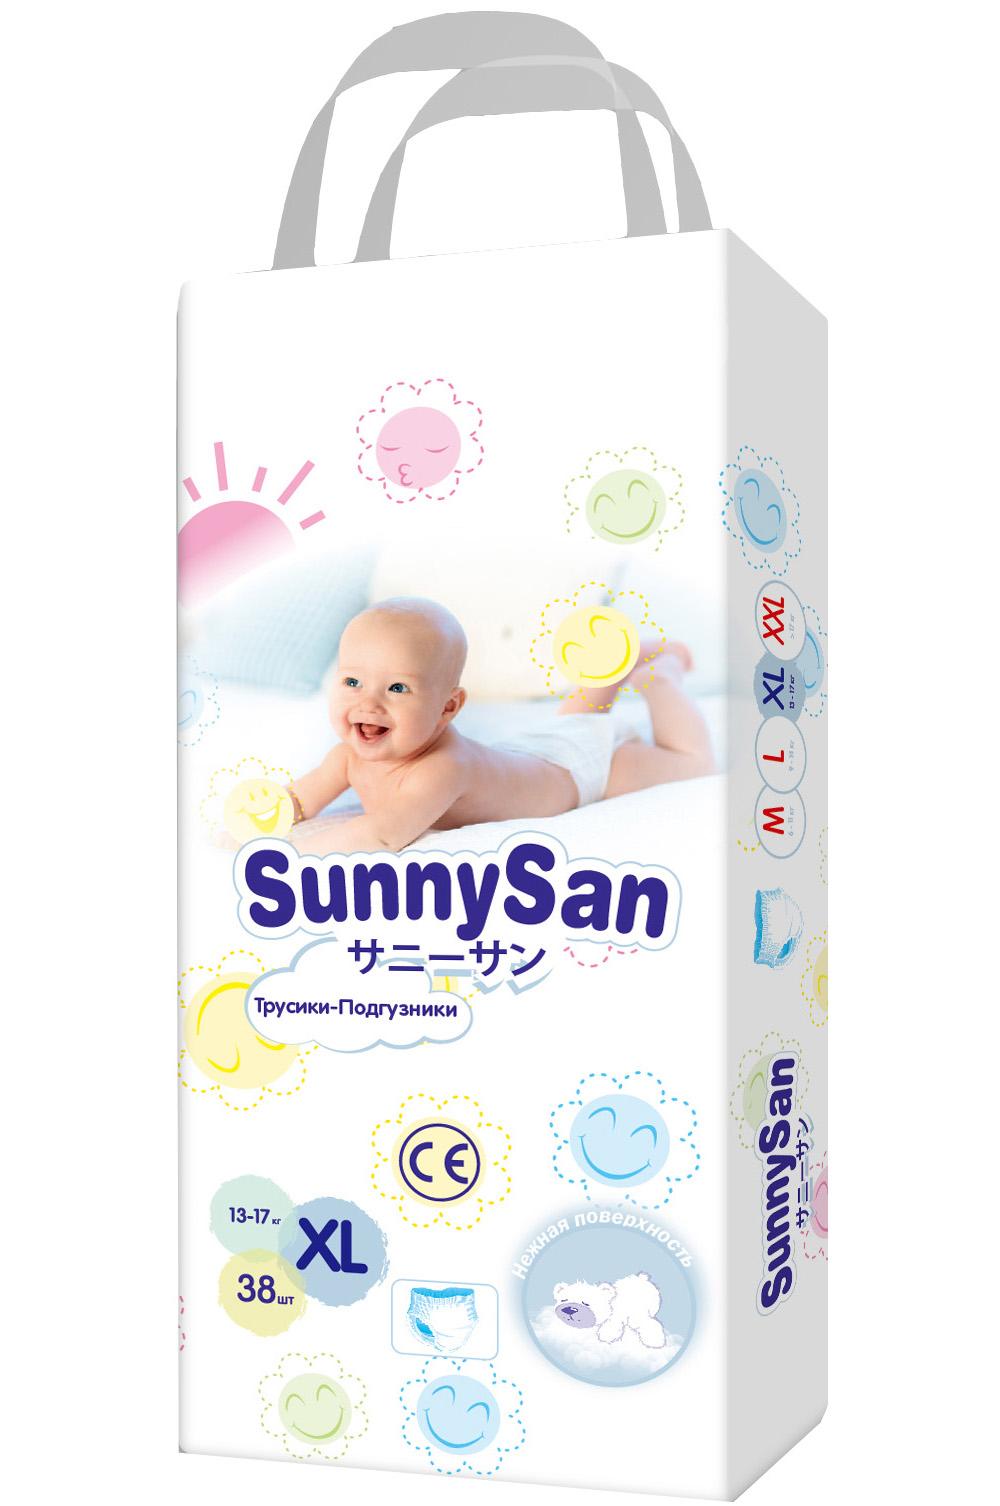 Трусики-подгузники SunnySan XL (13-17 кг) 38 шт. цена